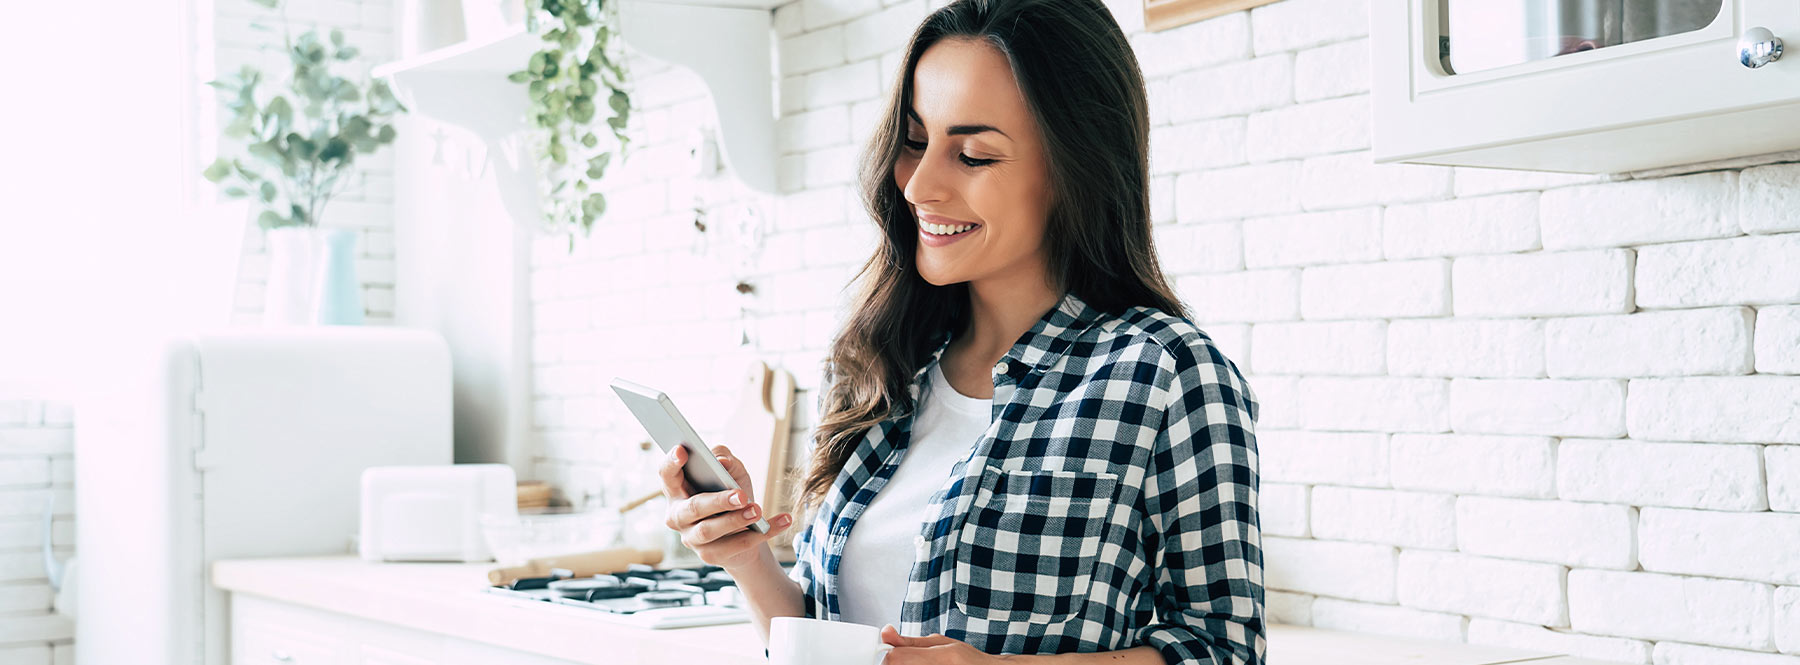 Cómo instalar un antivirus en tu móvil (y por qué deberías hacerlo)